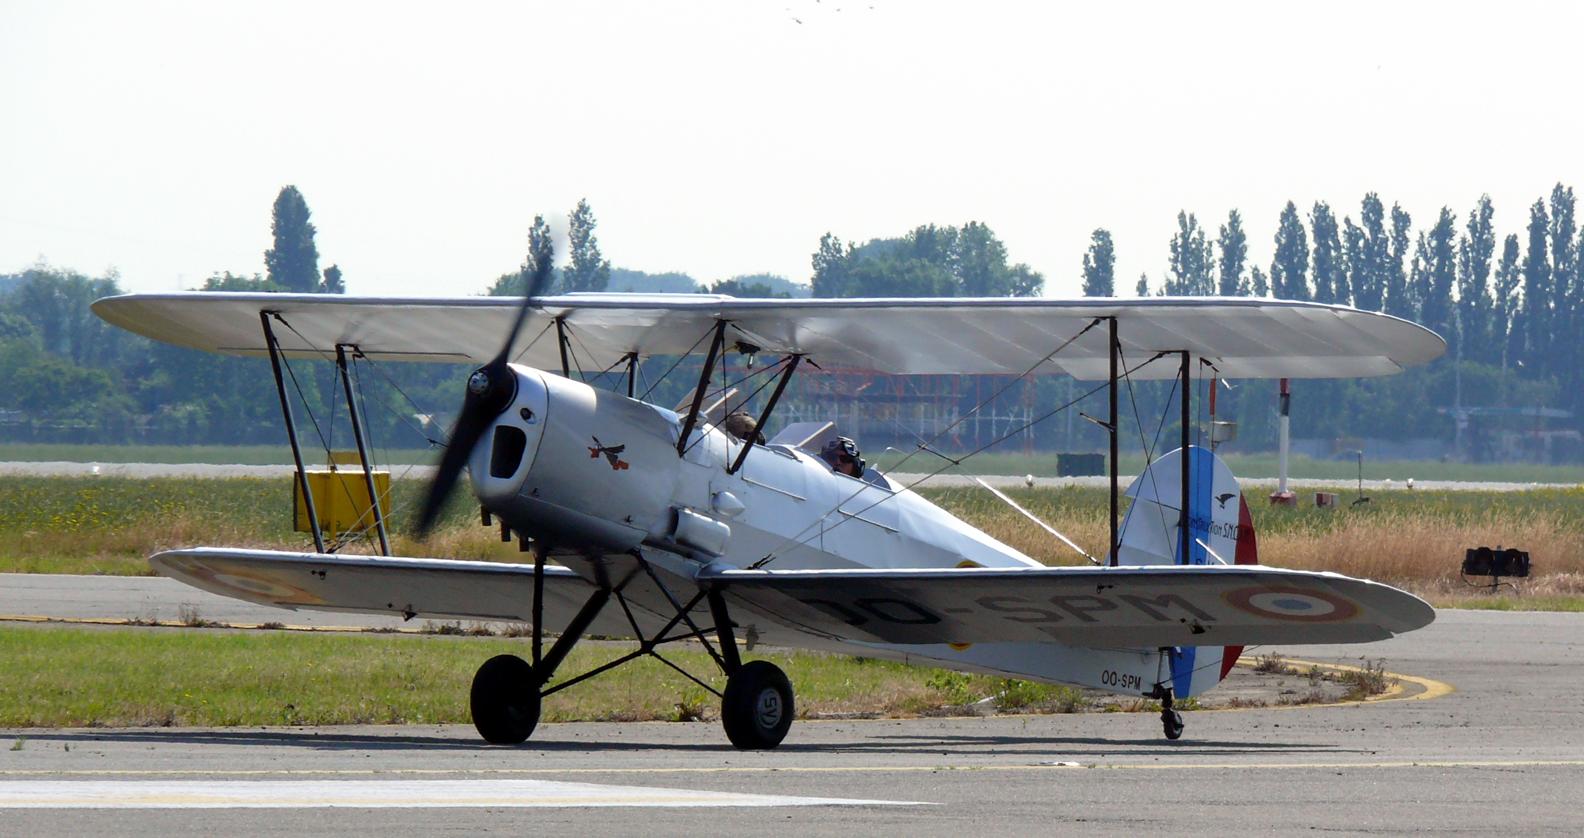 Многоцелевой самолет Stampe et Vertongen SV-4C